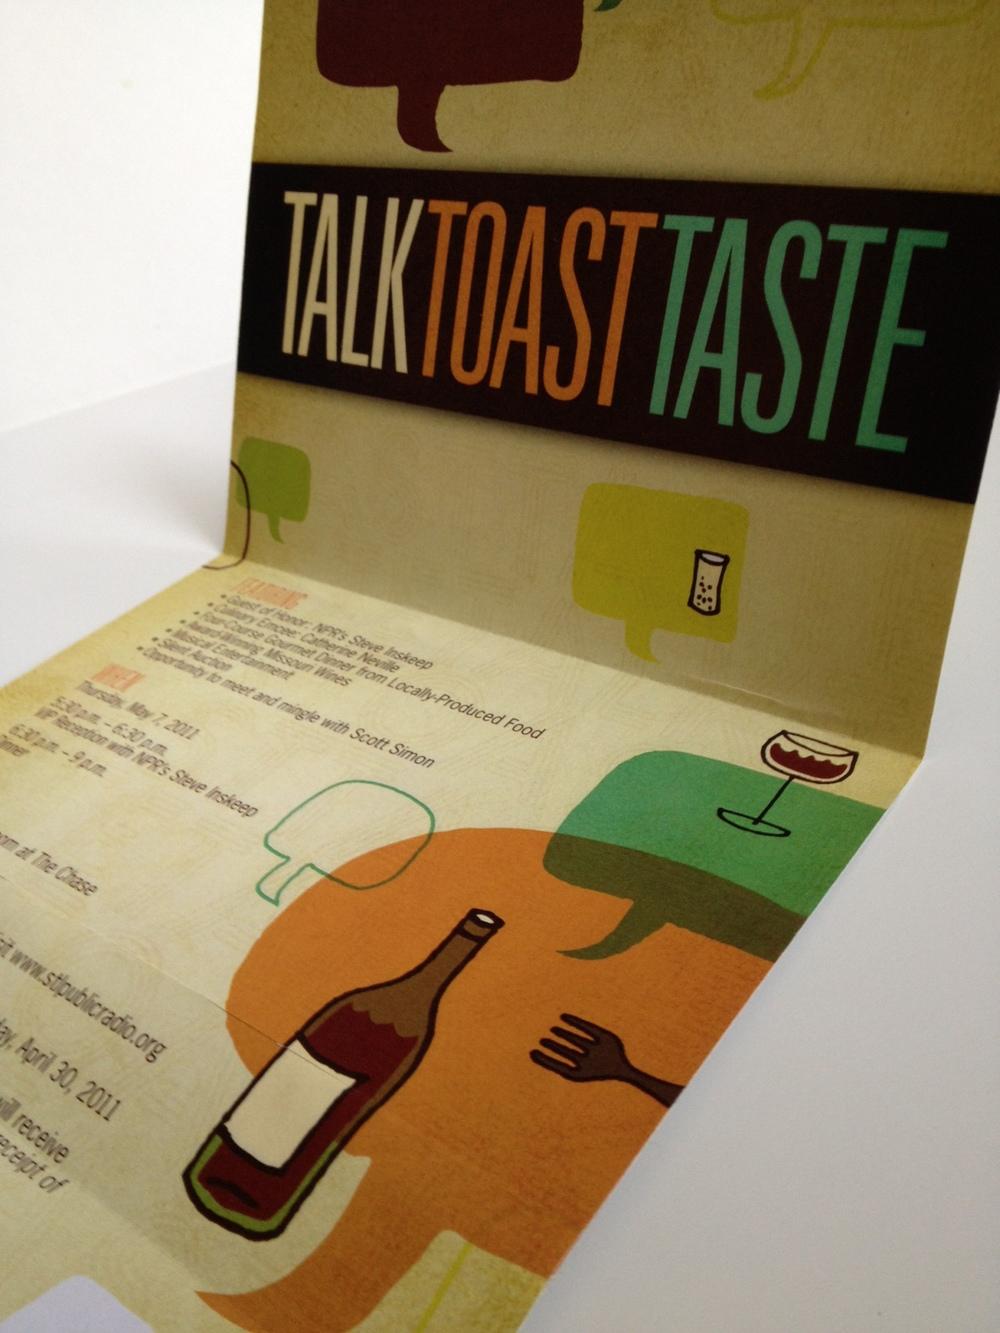 TalkToastTaste_1.JPG